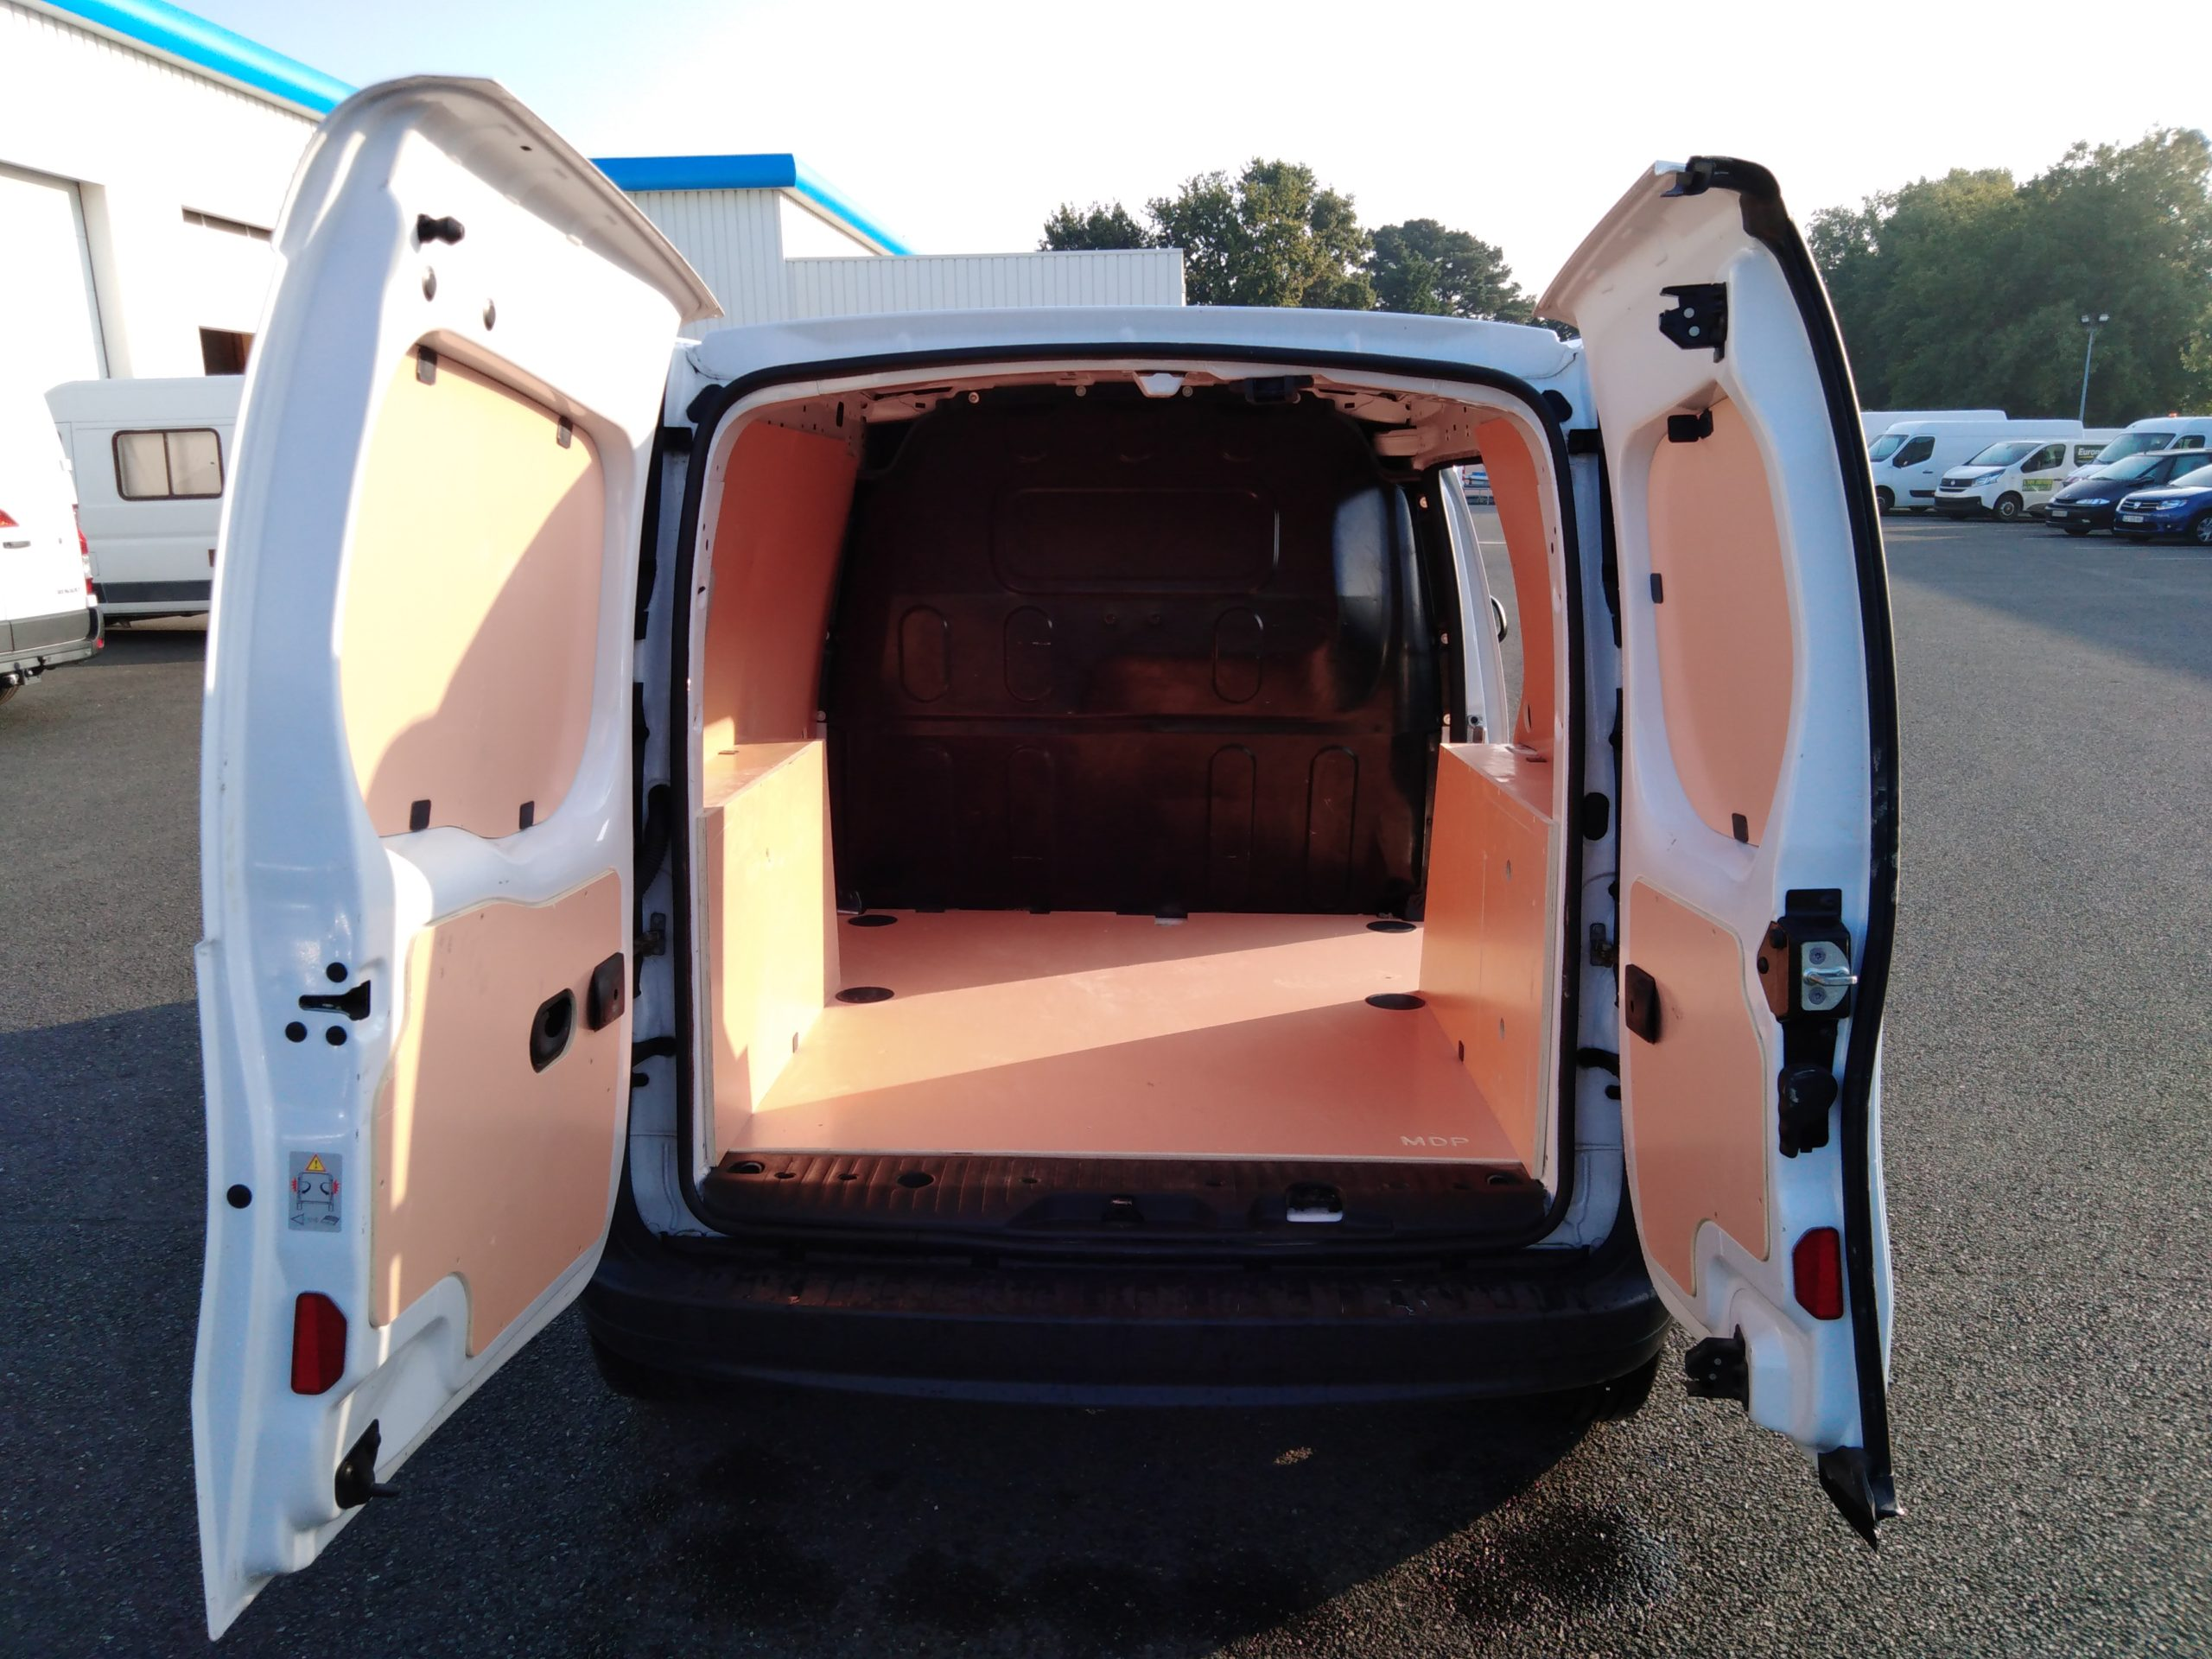 Location d'un utilitaire fourgonnette - Renault Kangoo L1H1-L2H1 3m3 - Vue3